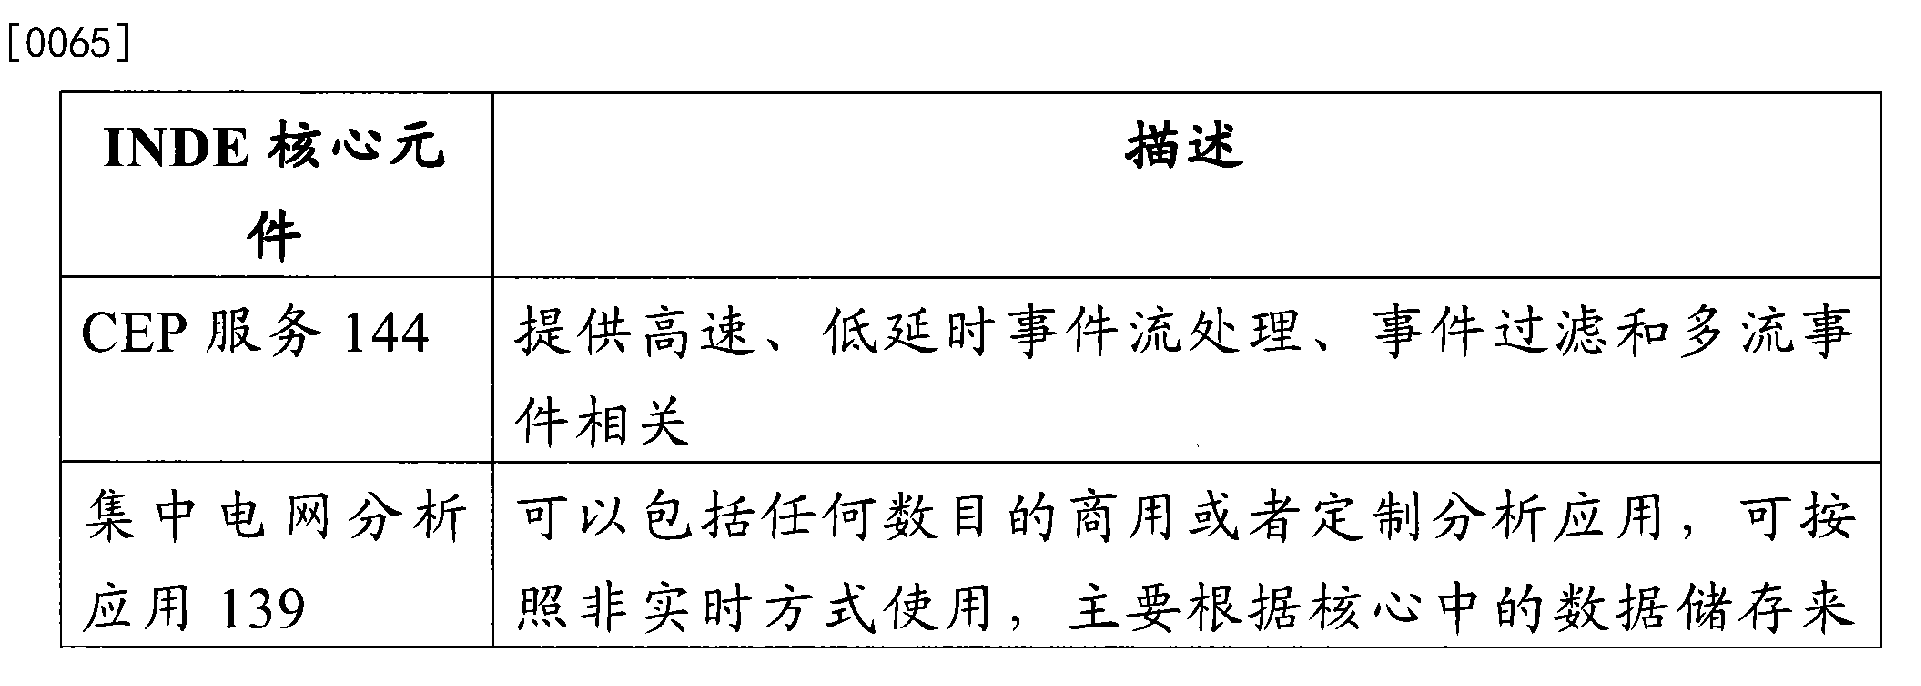 Figure CN103762723BD00101